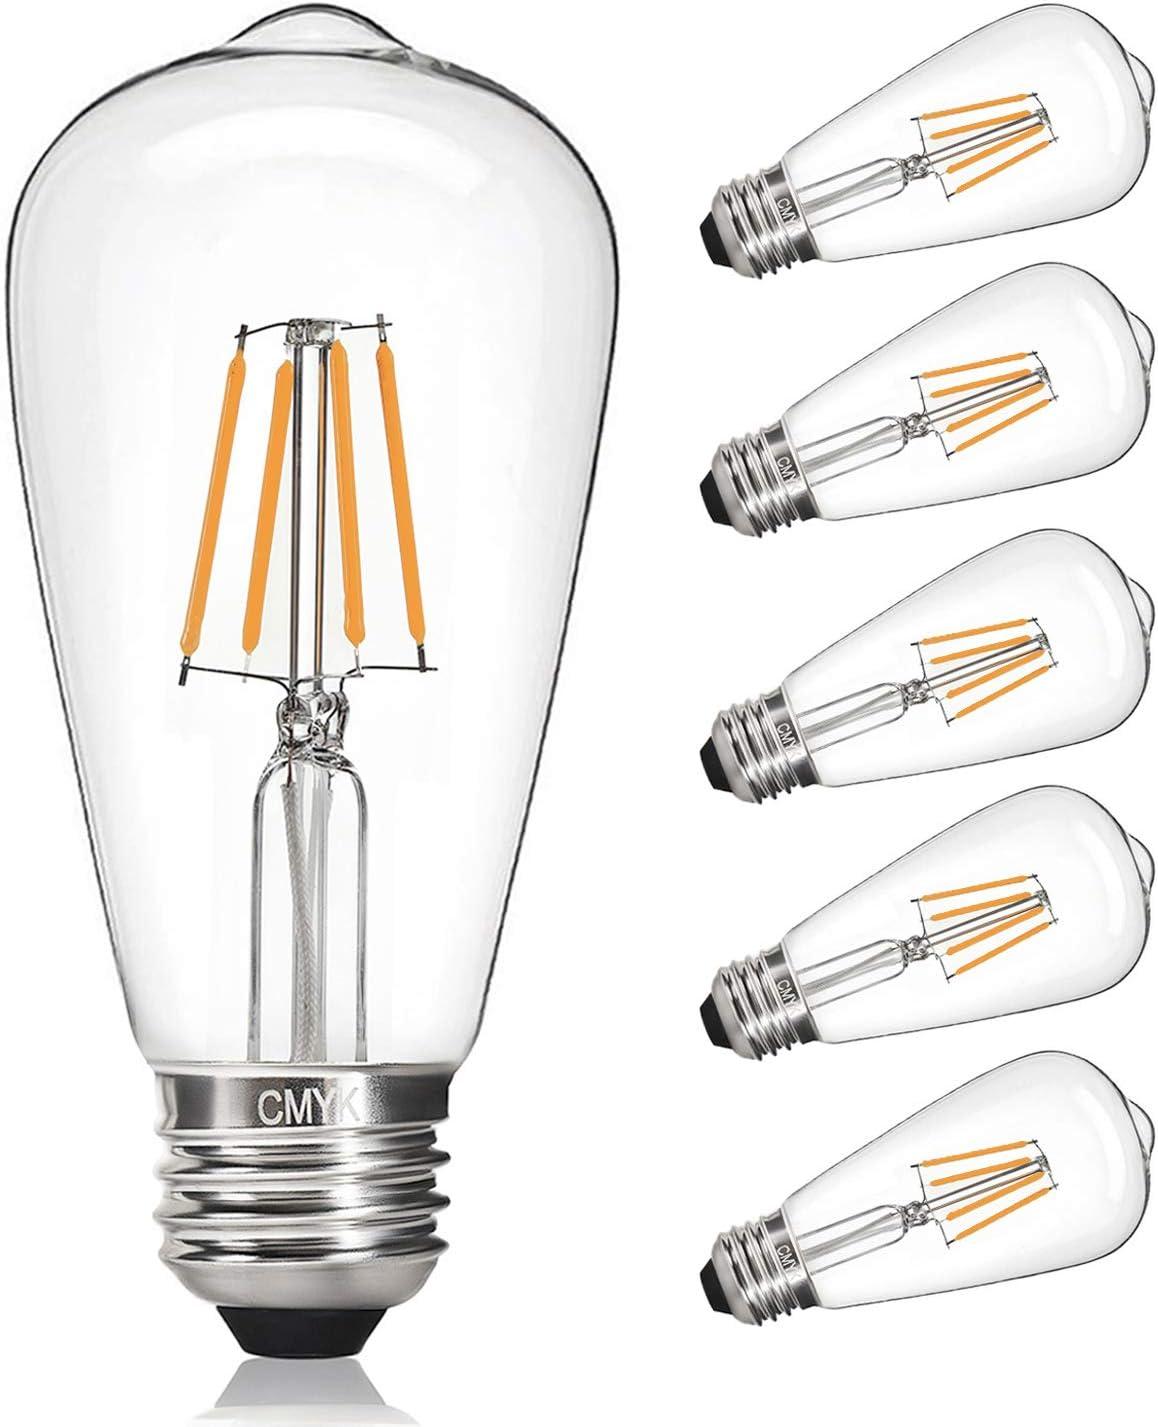 ST64-4W E27 LED Deco Filament Edison Lampe gold = 30W EPOCA 2700K Retro